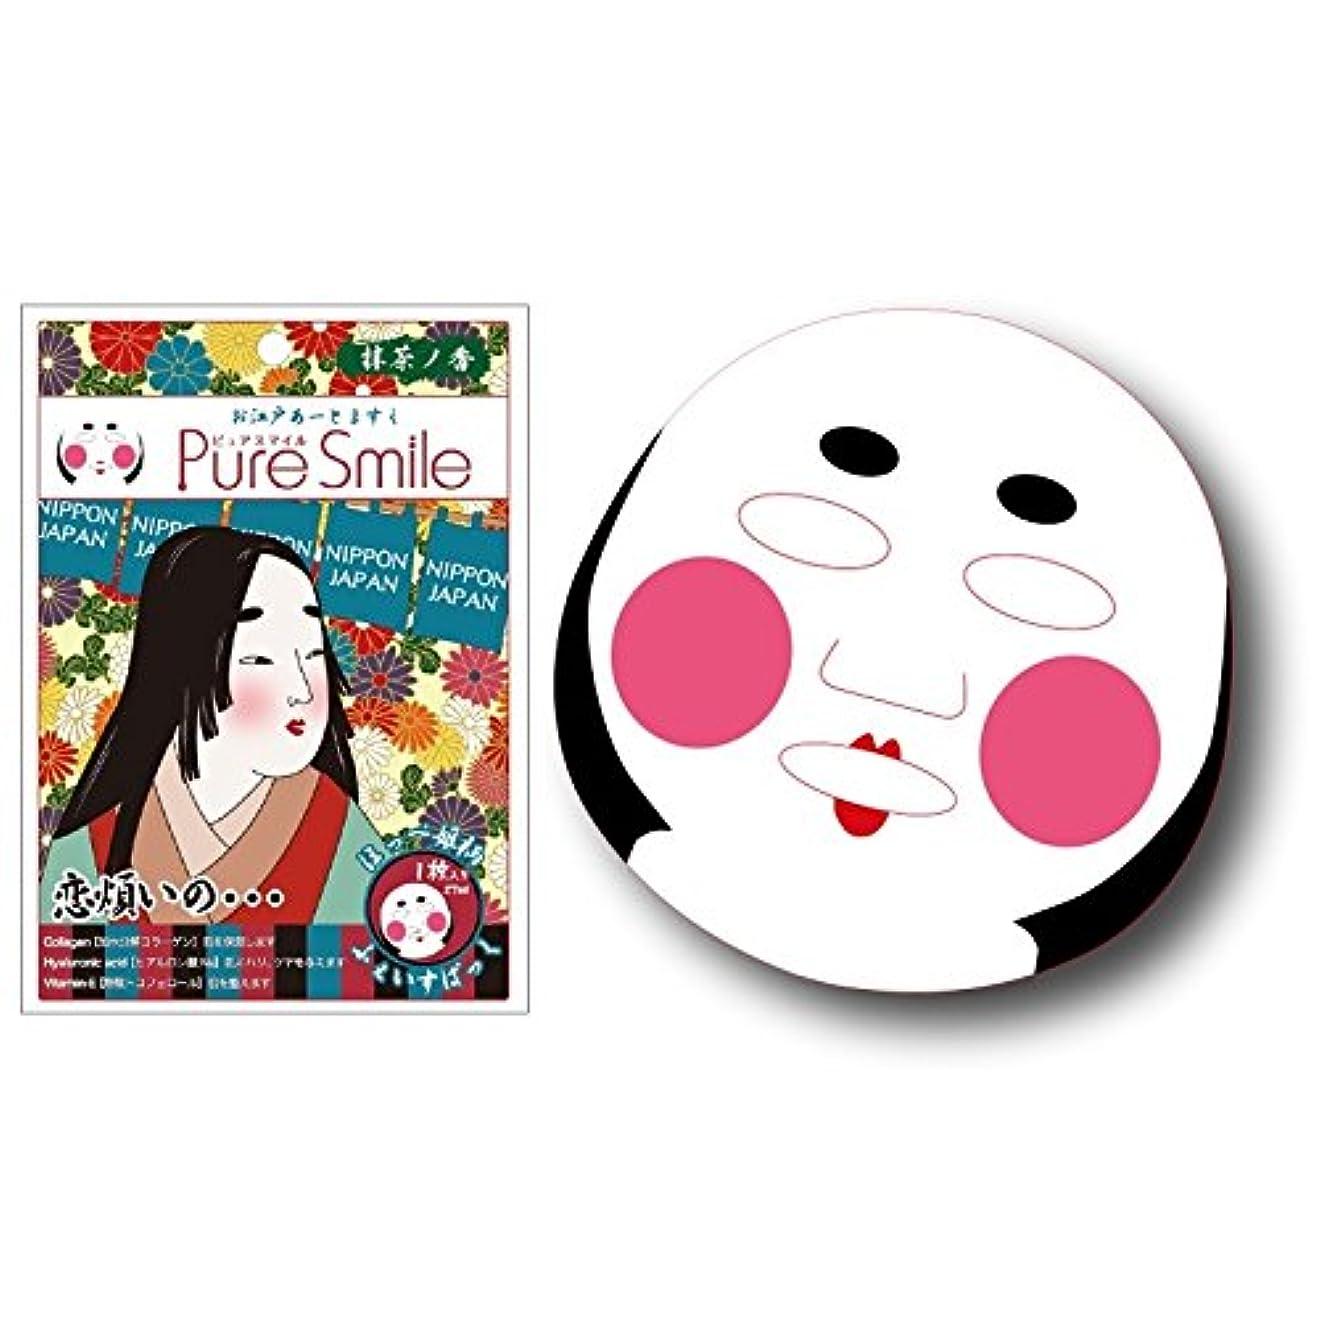 シプリーベッド欠点Pure Smile お江戸アートマスク (ほっぺ姫)